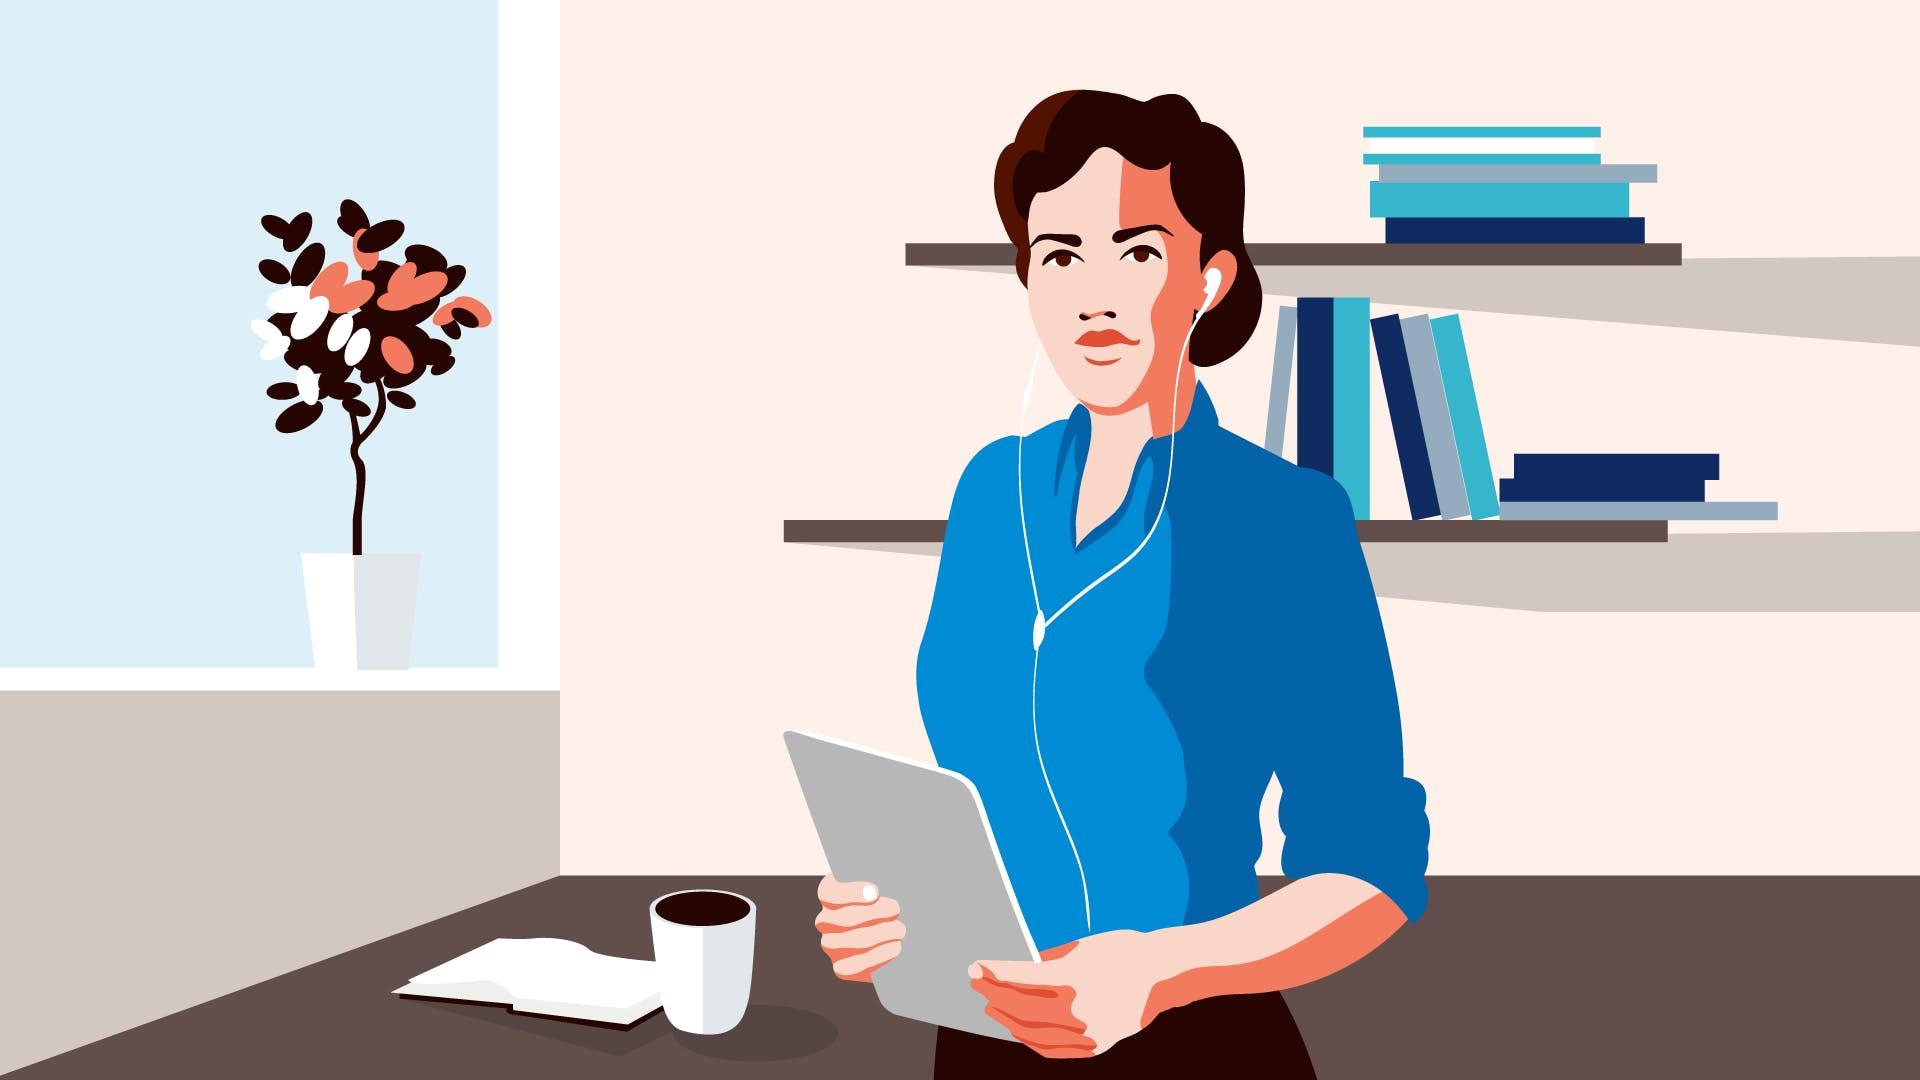 Frau in blauen Shirt mit einem Tablet in der Hand, hört über Kopfhörer, wie sich der Beitrag für die gesetzliche Krankenversicherung bei Selbständigen ändert.